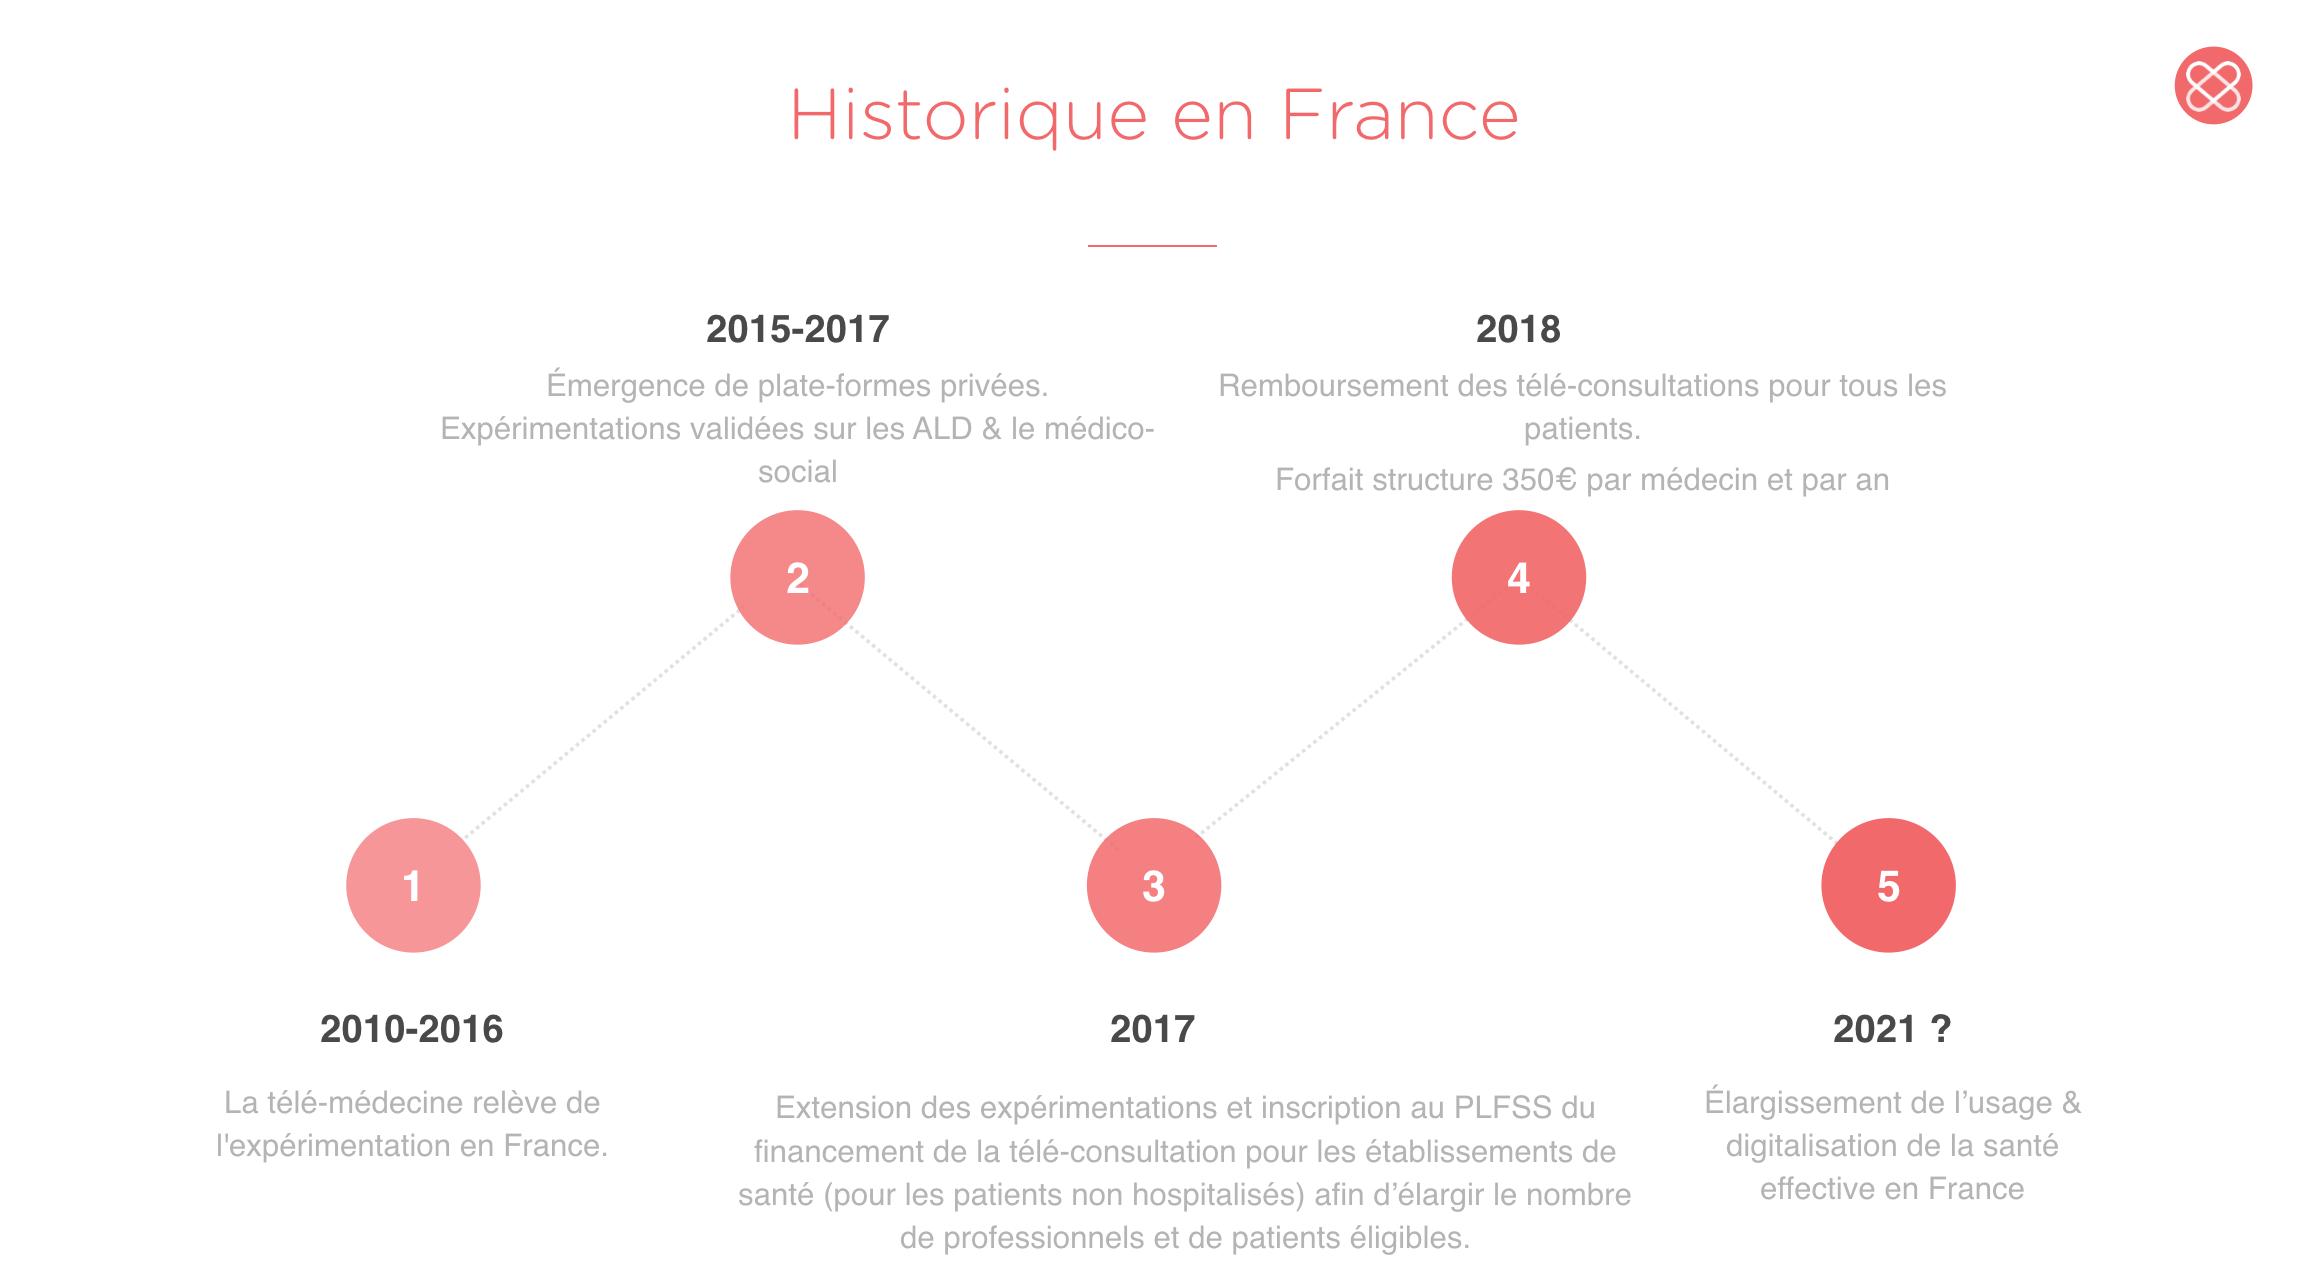 historique de la télé-médecine en France